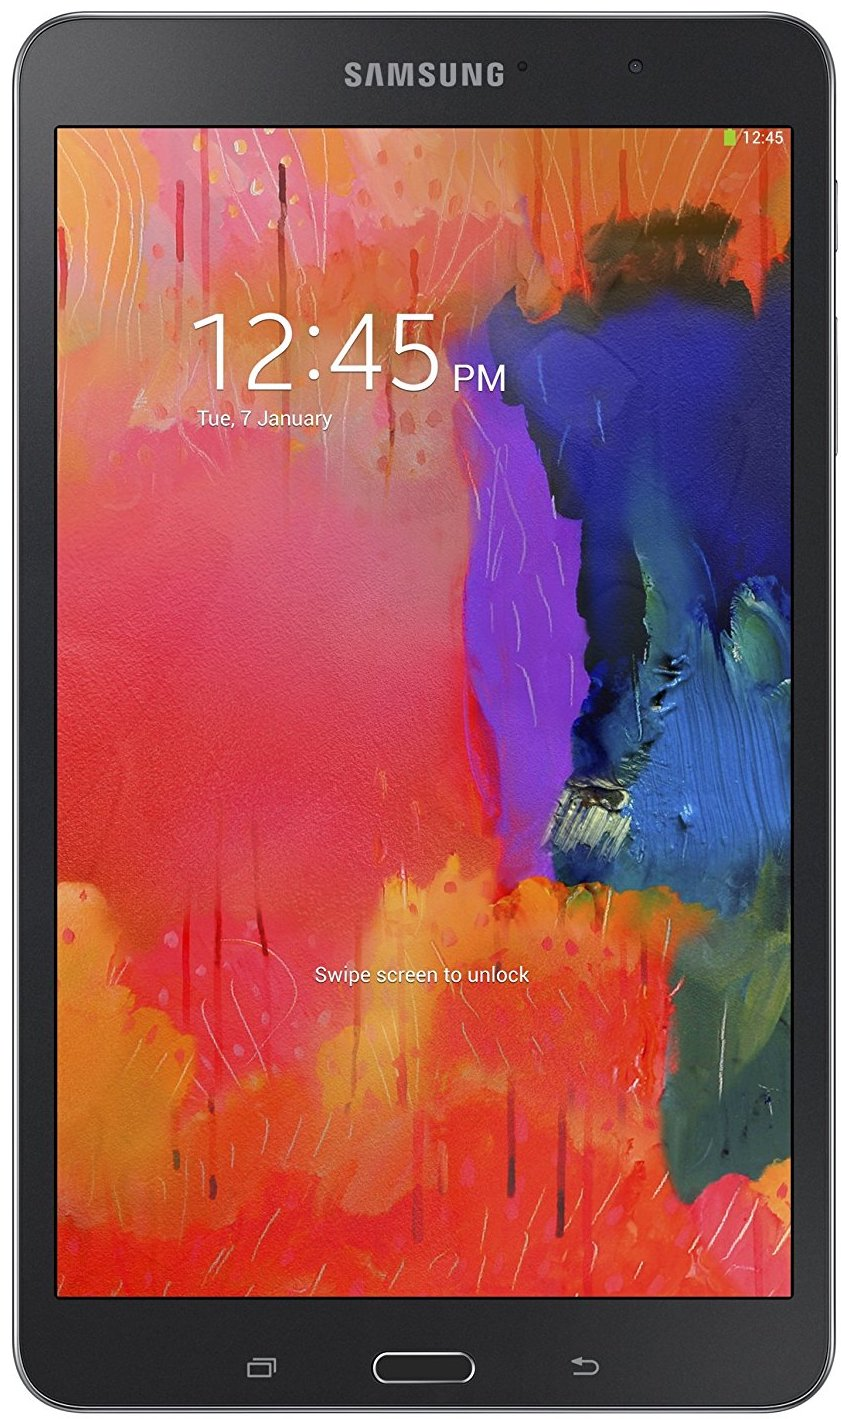 Offerta Samsung Galaxy Tab Pro 8.4 4G su TrovaUsati.it